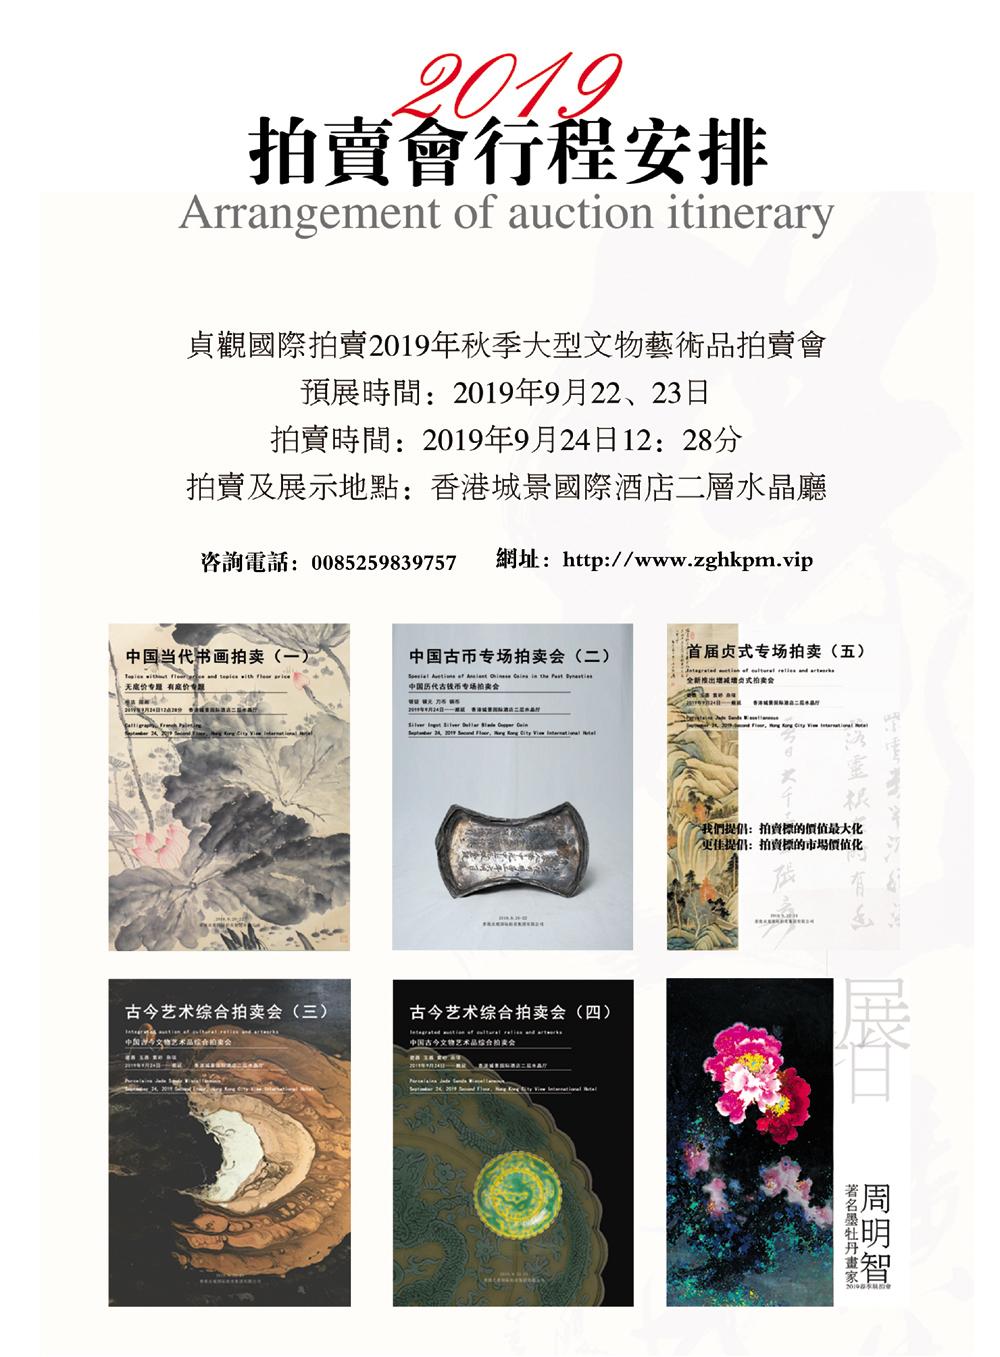 <b>2019年中国香港秋季大型文物艺术品拍卖会公告</b>